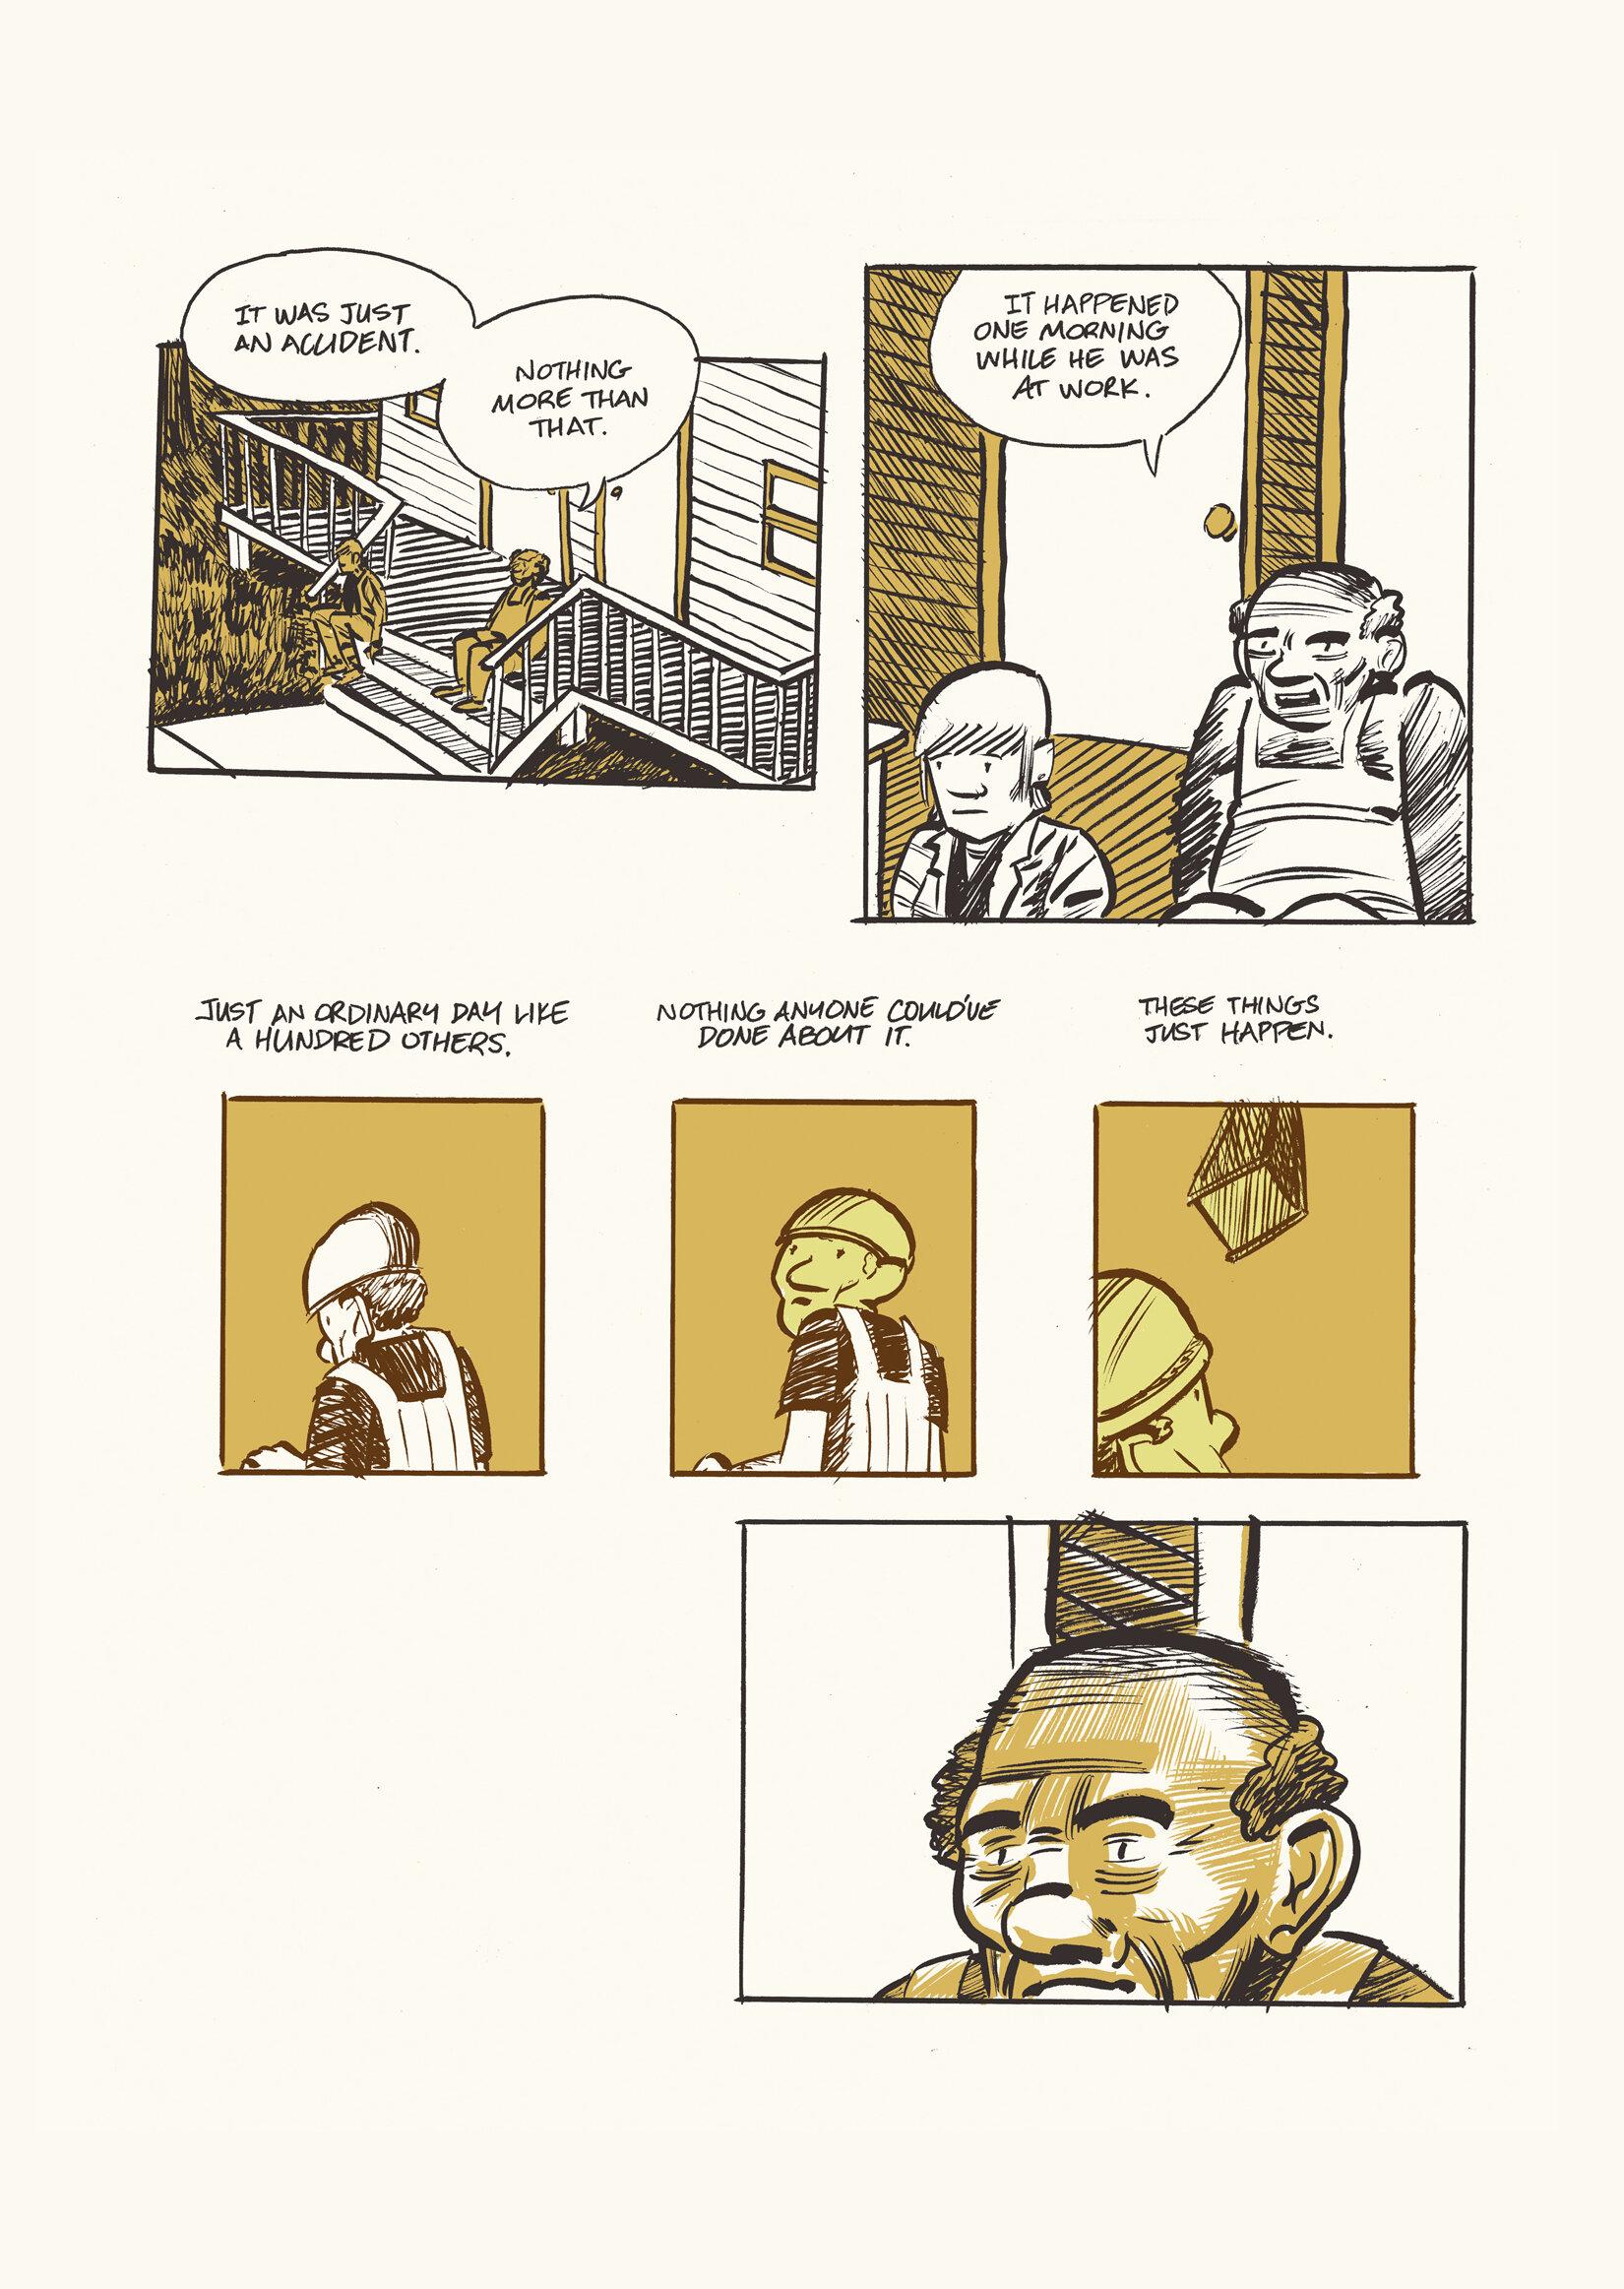 G Page 019.jpg